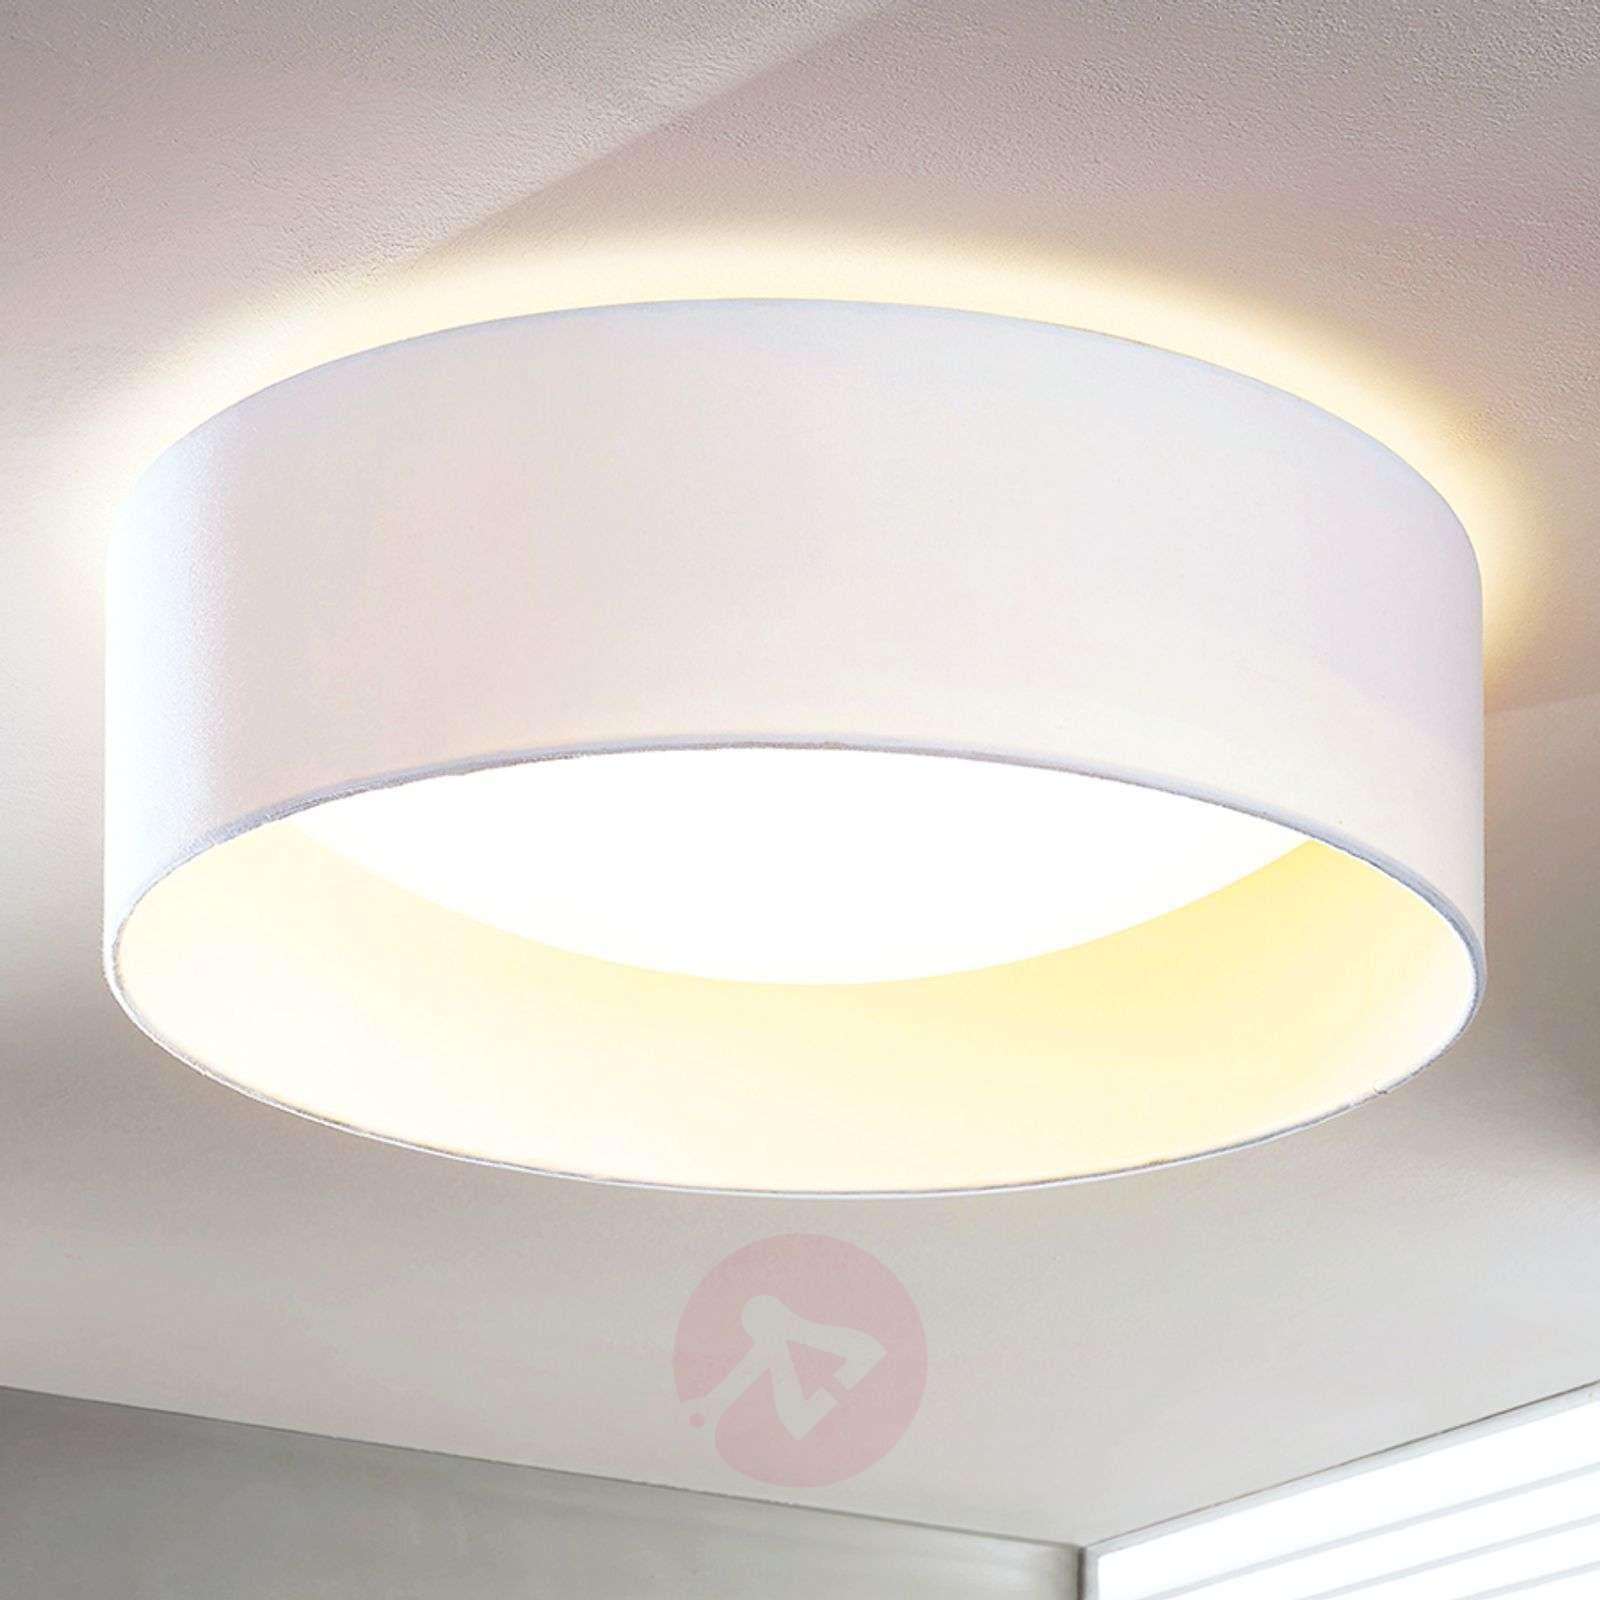 Franka white LED ceiling light, 41.5cm-9620722-012